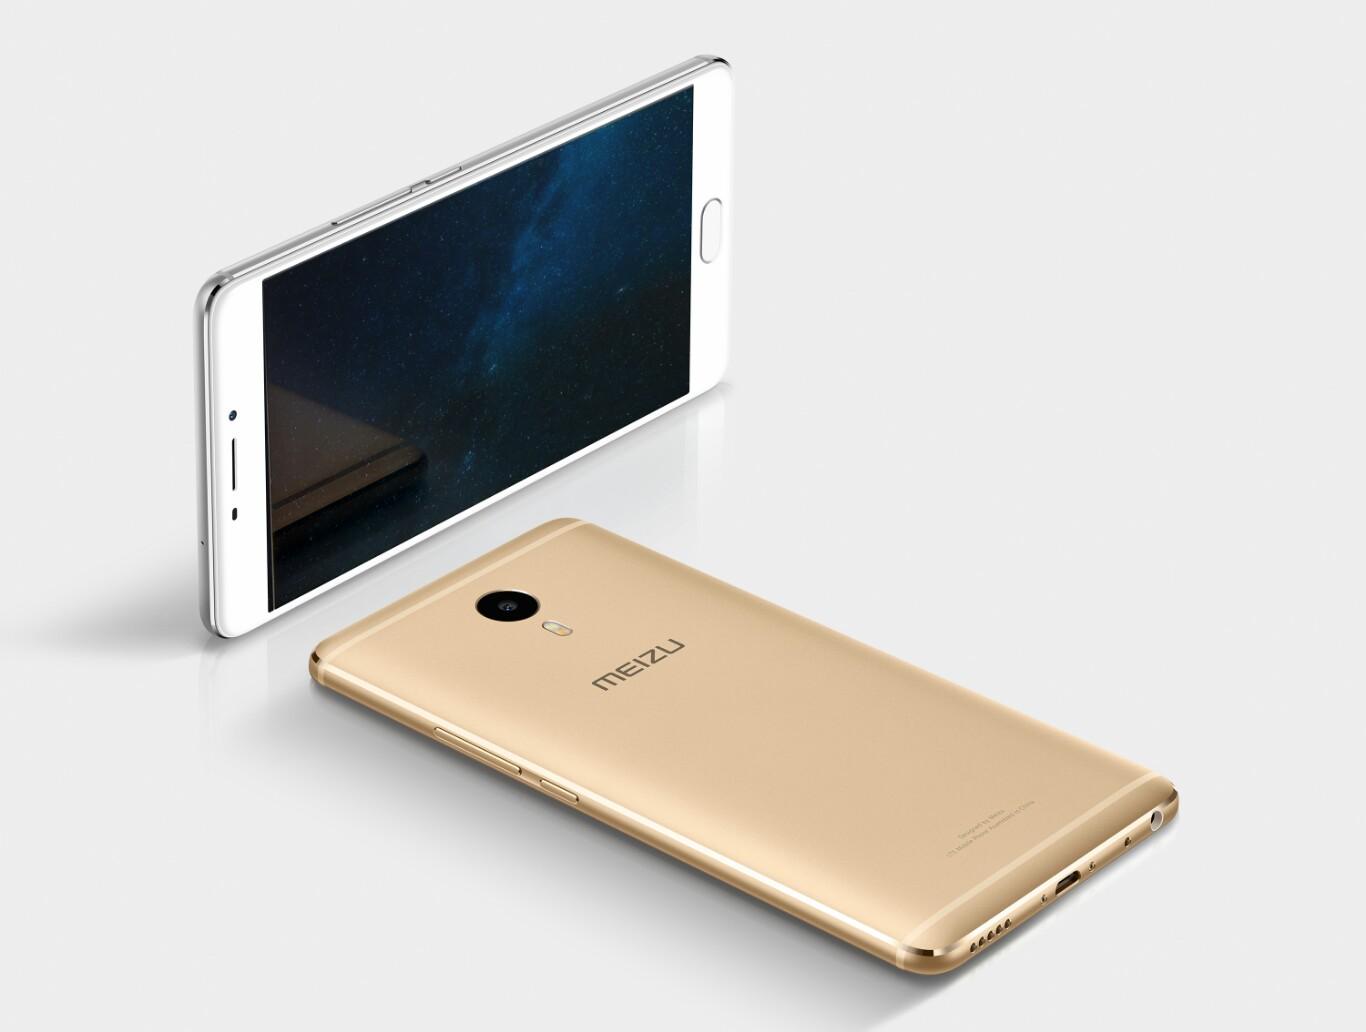 Meizu M3 Max Smartphone